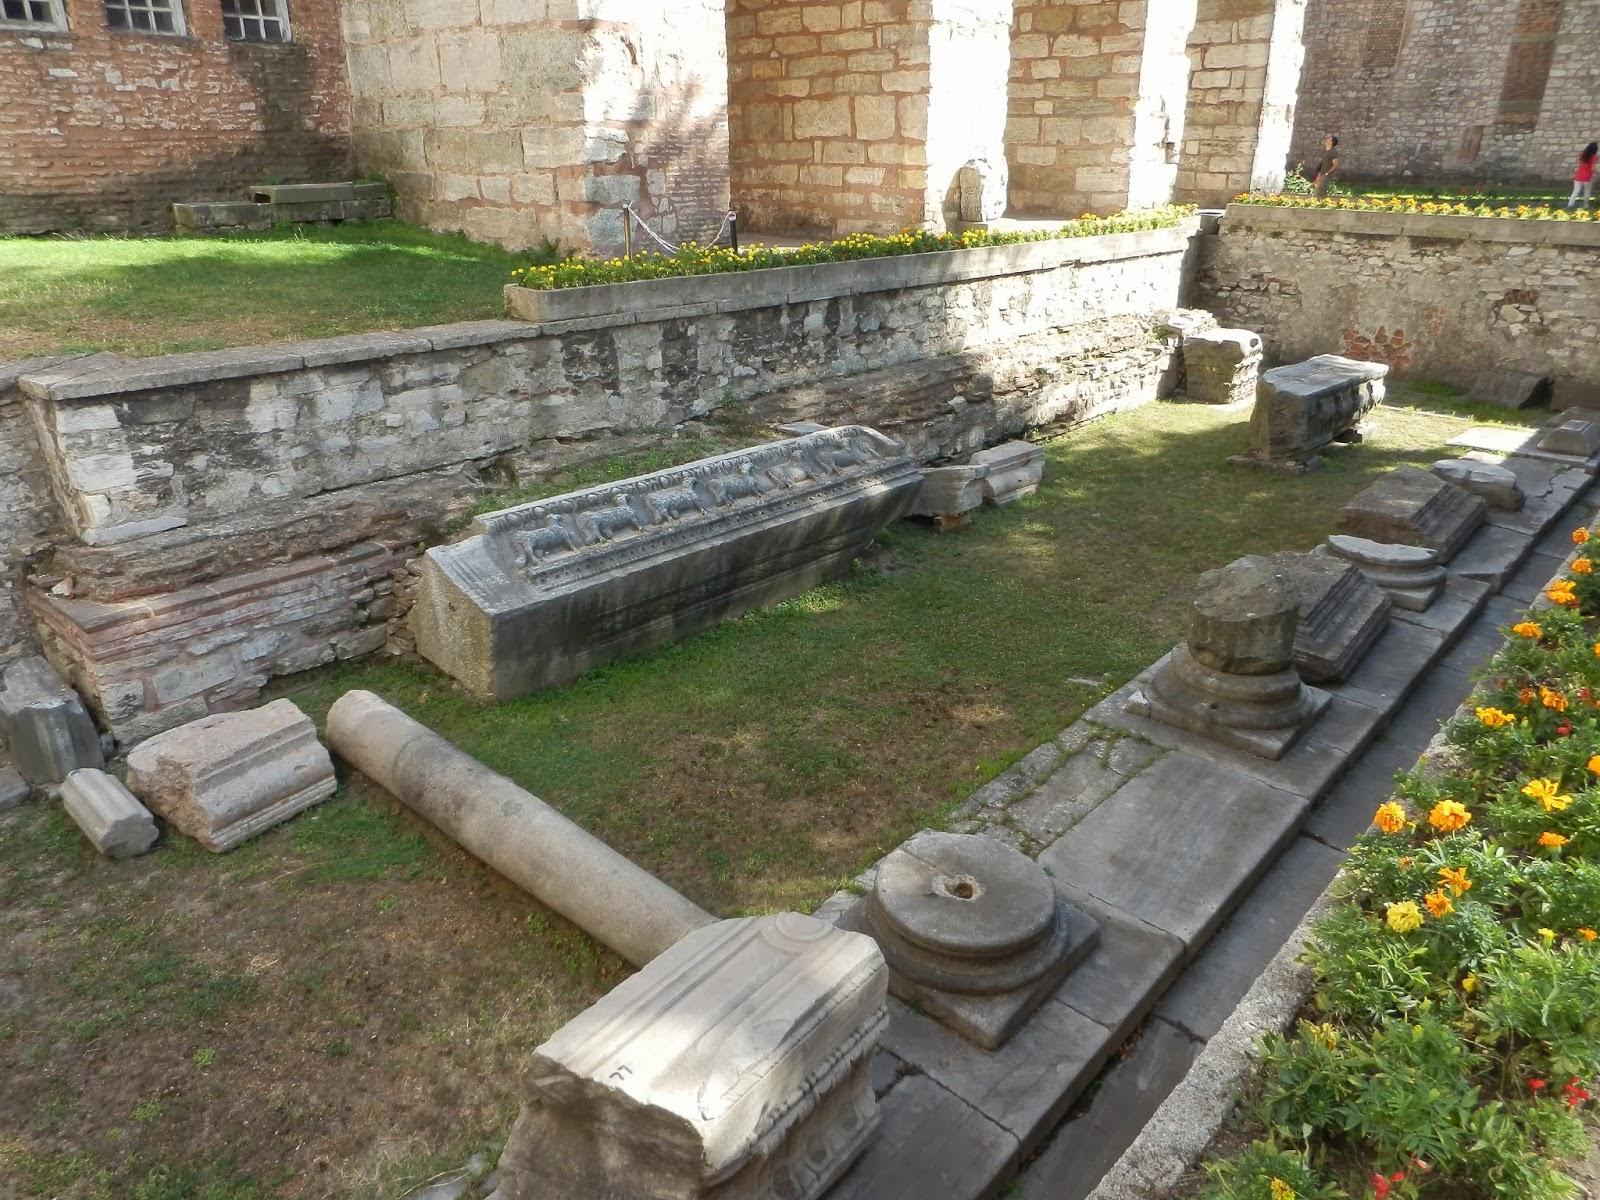 Место раскопок, котлован вблизи центрального входа Собор Святой Софии, фрагментами каменных колонн, барельефов, плит